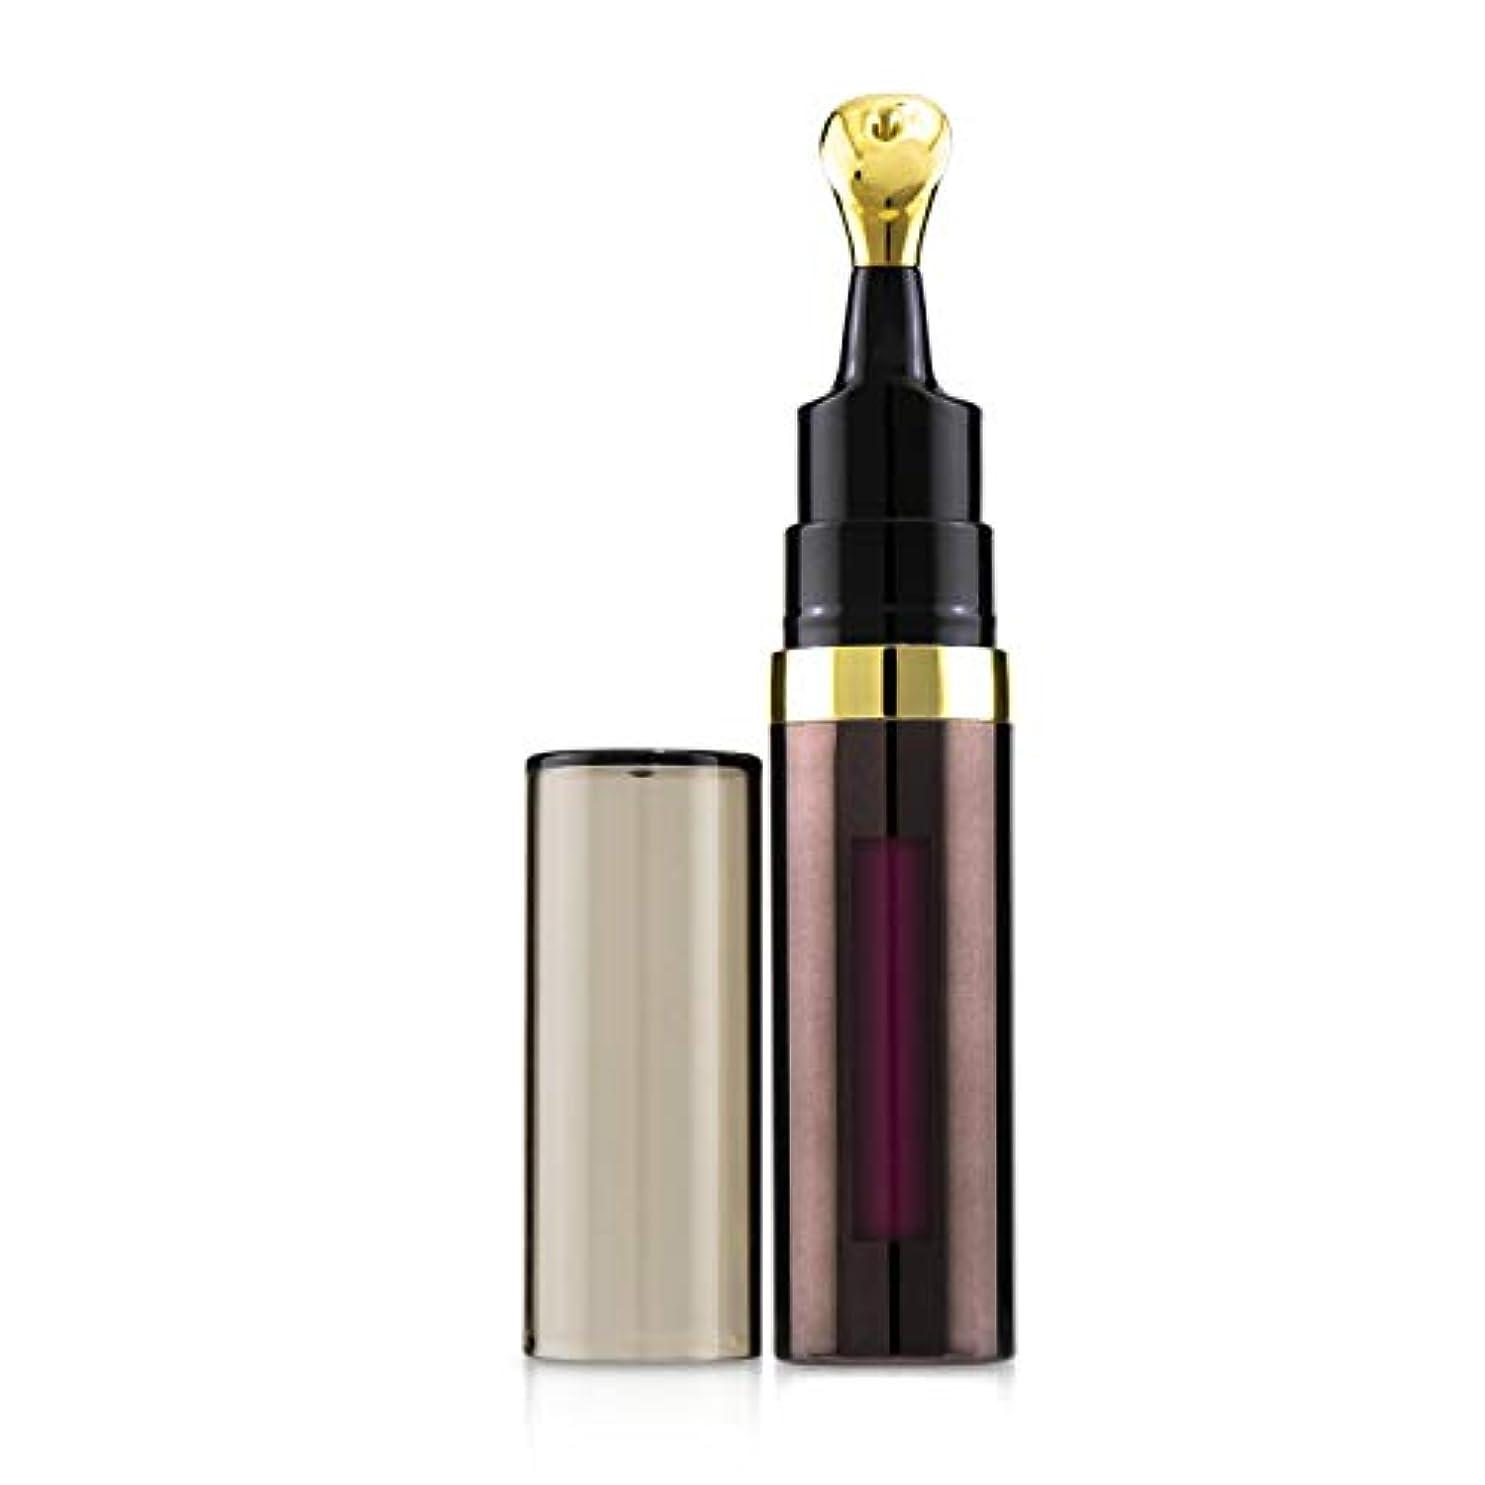 ジェム提案するアルプスアワーグラス No.28 Lip Treatment Oil - # Nocturnal (Deep Berry) 7.5ml/0.25oz並行輸入品